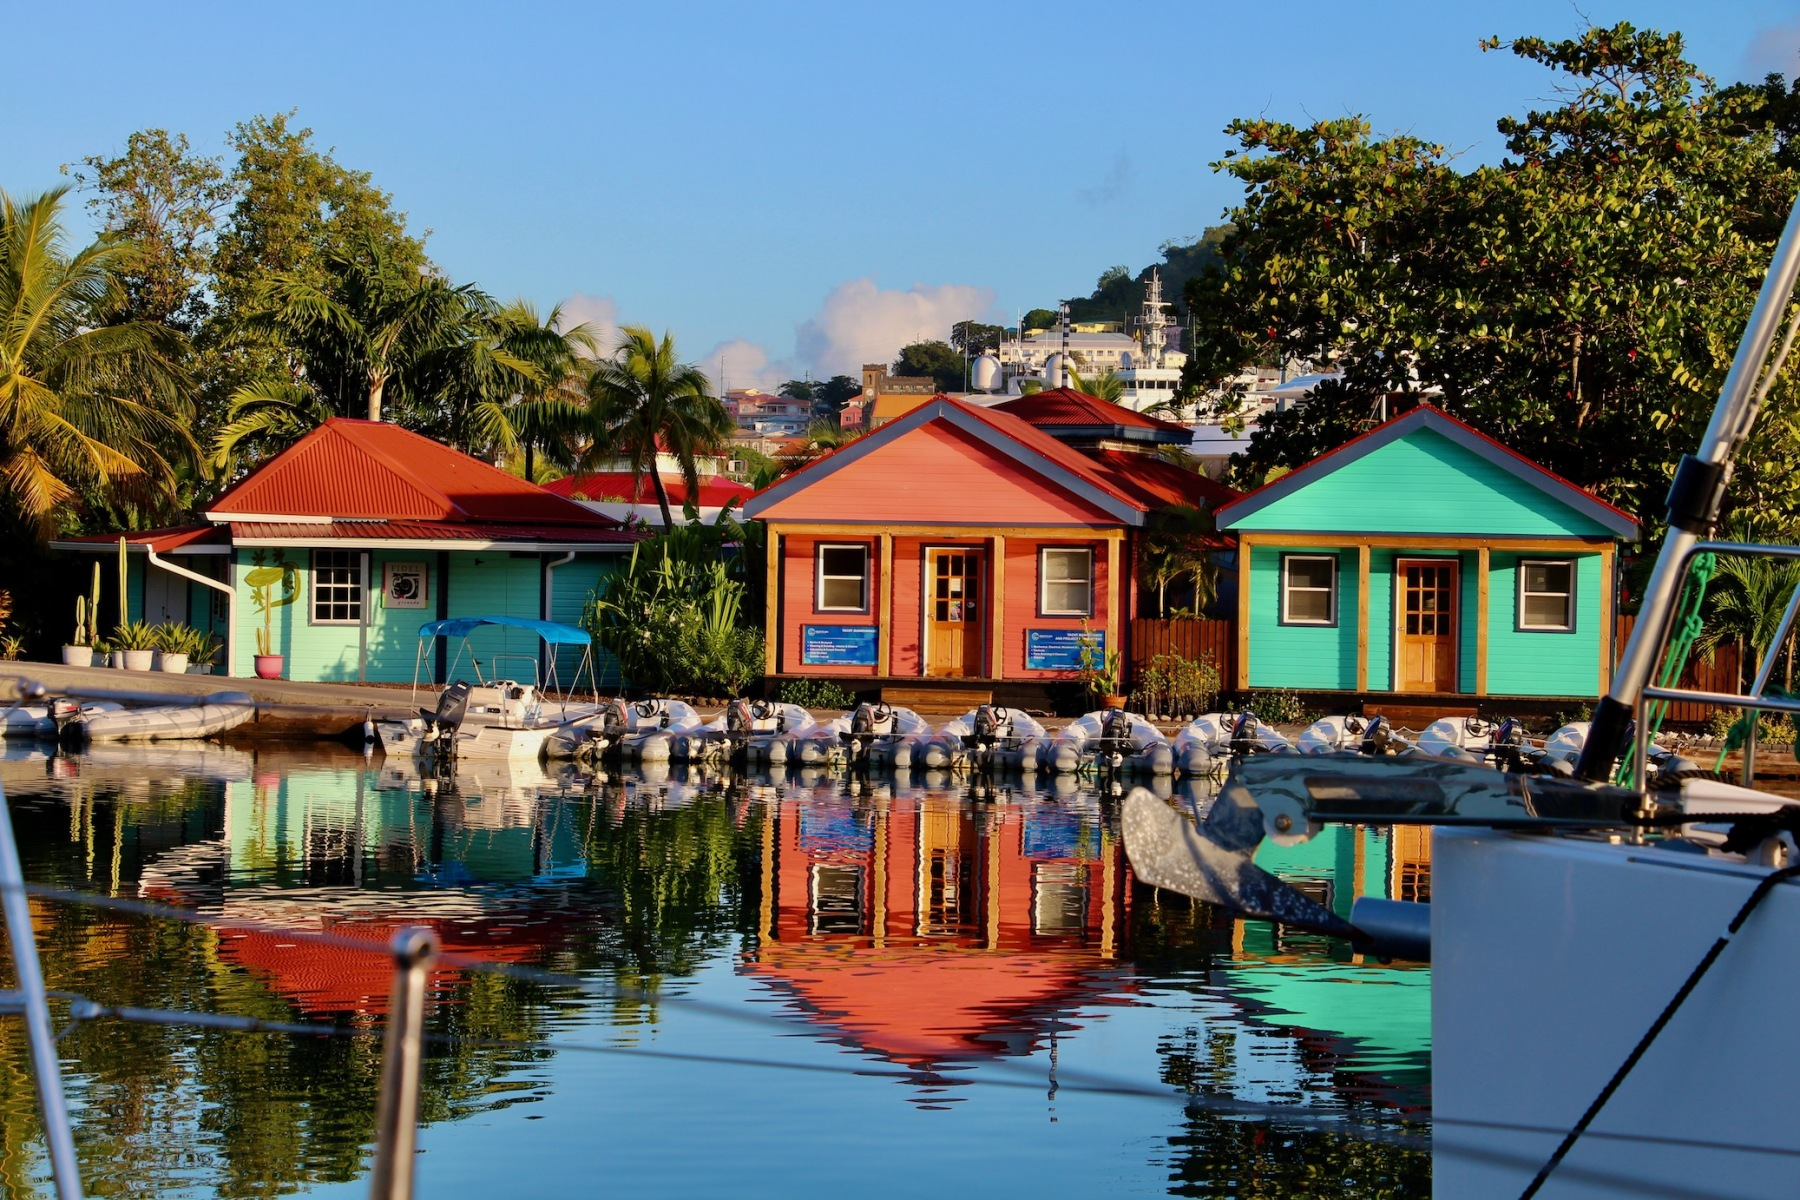 20200112_Karibik_37